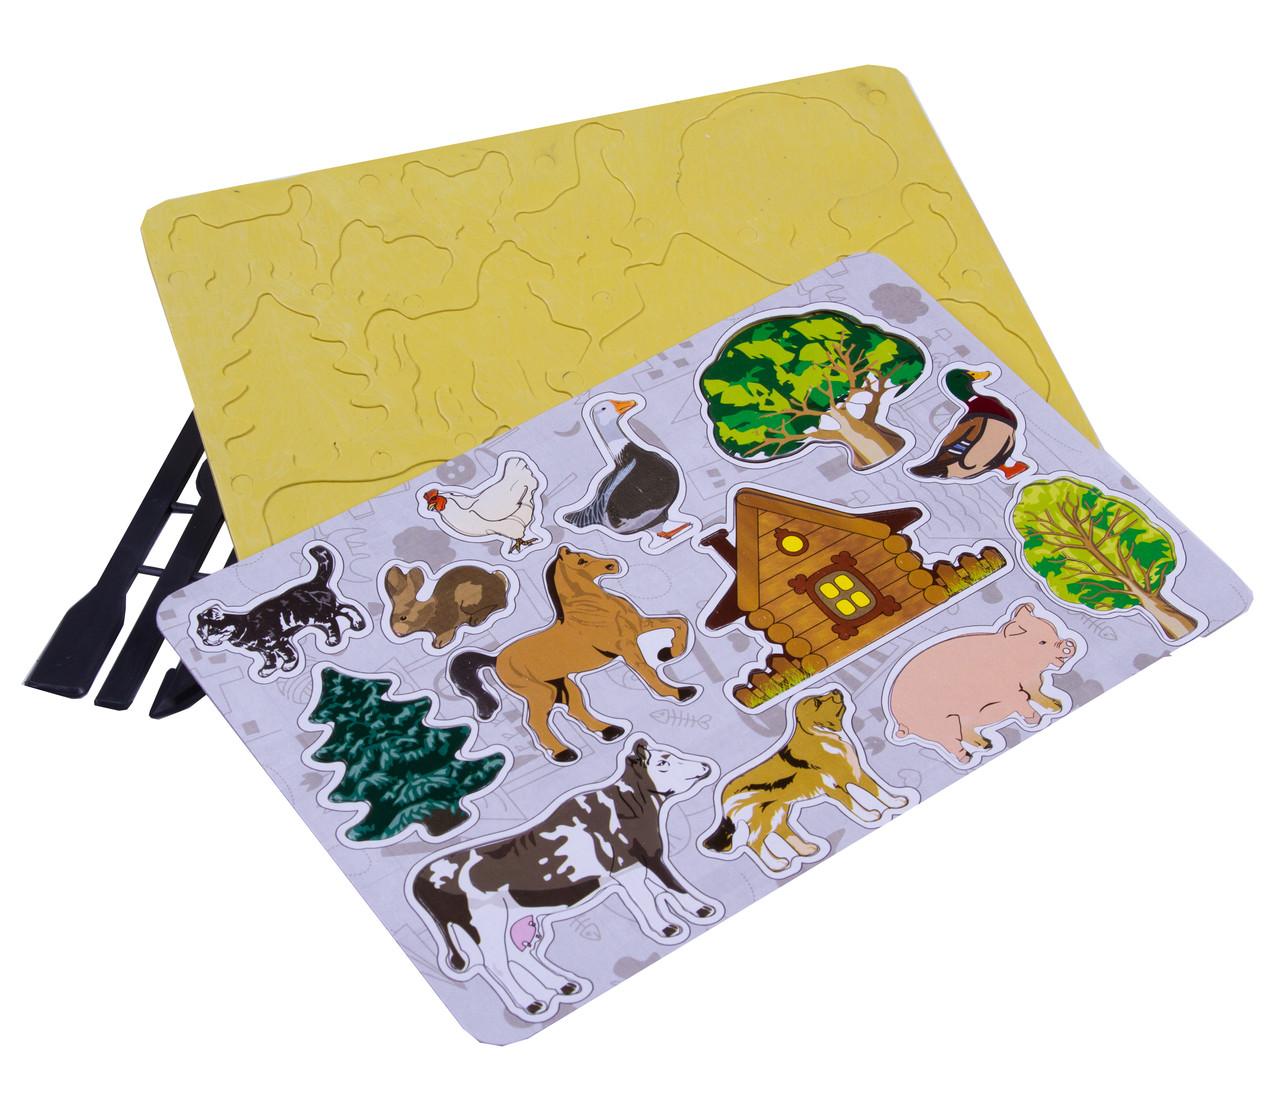 Доски магнитные для пластилина (трафарет + стеки для детского творчества)